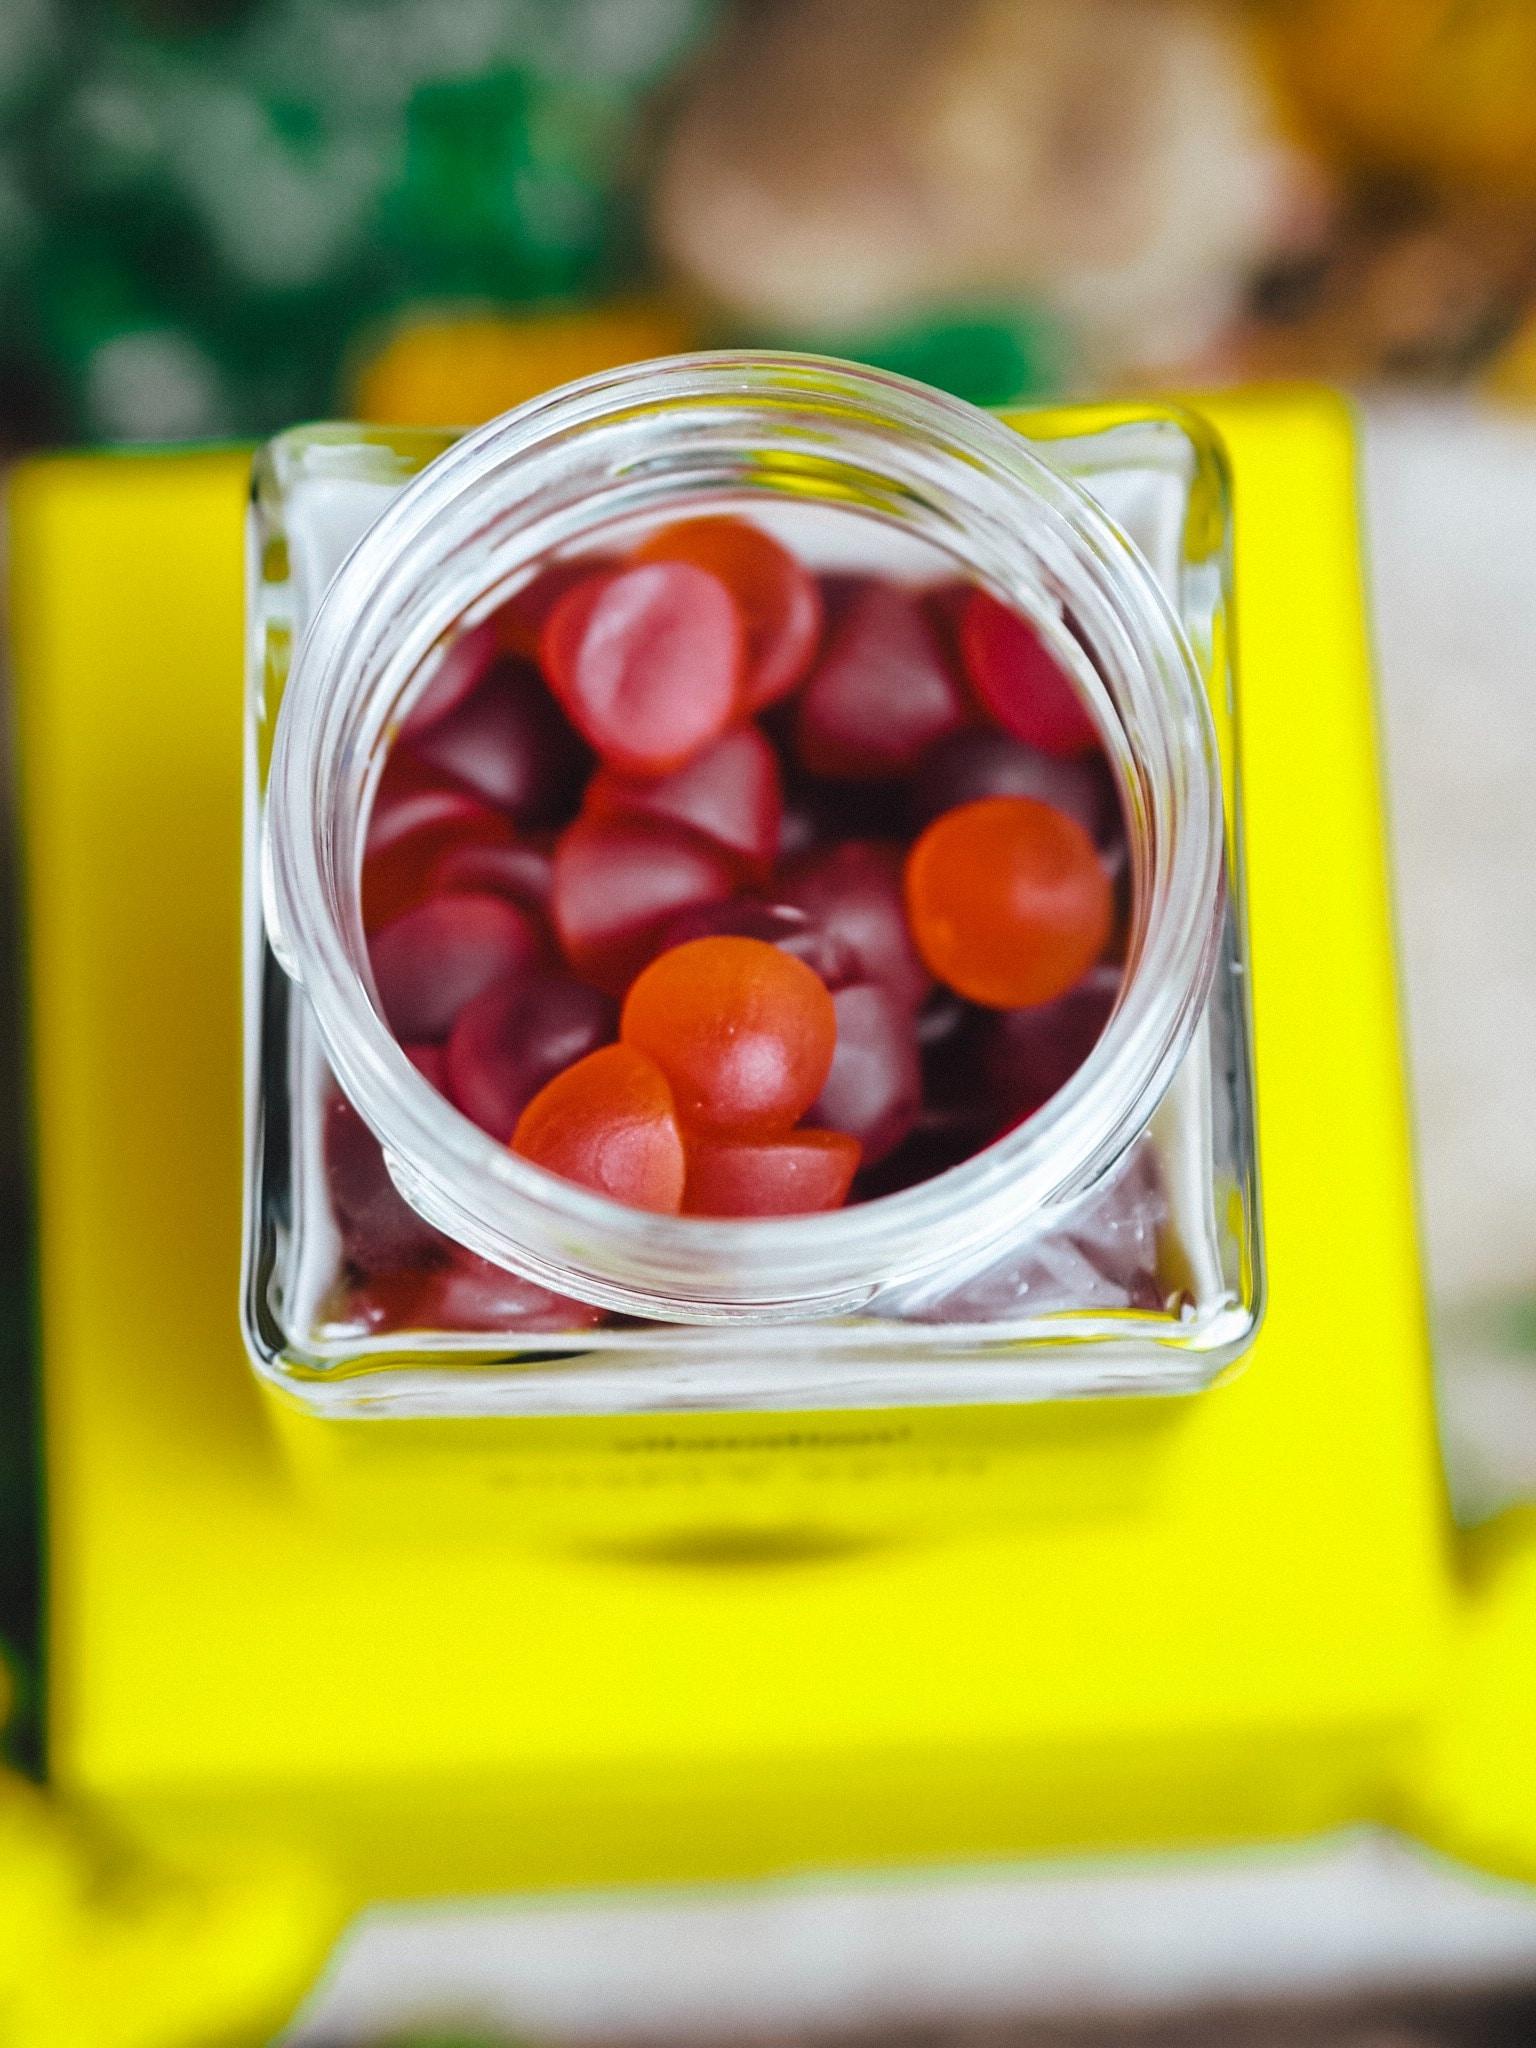 Die leckeren Fruchtgummis von vitasation SIMPLY SKIN sind hochwertig und versorgen euch mit hochwertigen Nährstoffen und Vitaminen. So macht Naschen Freude